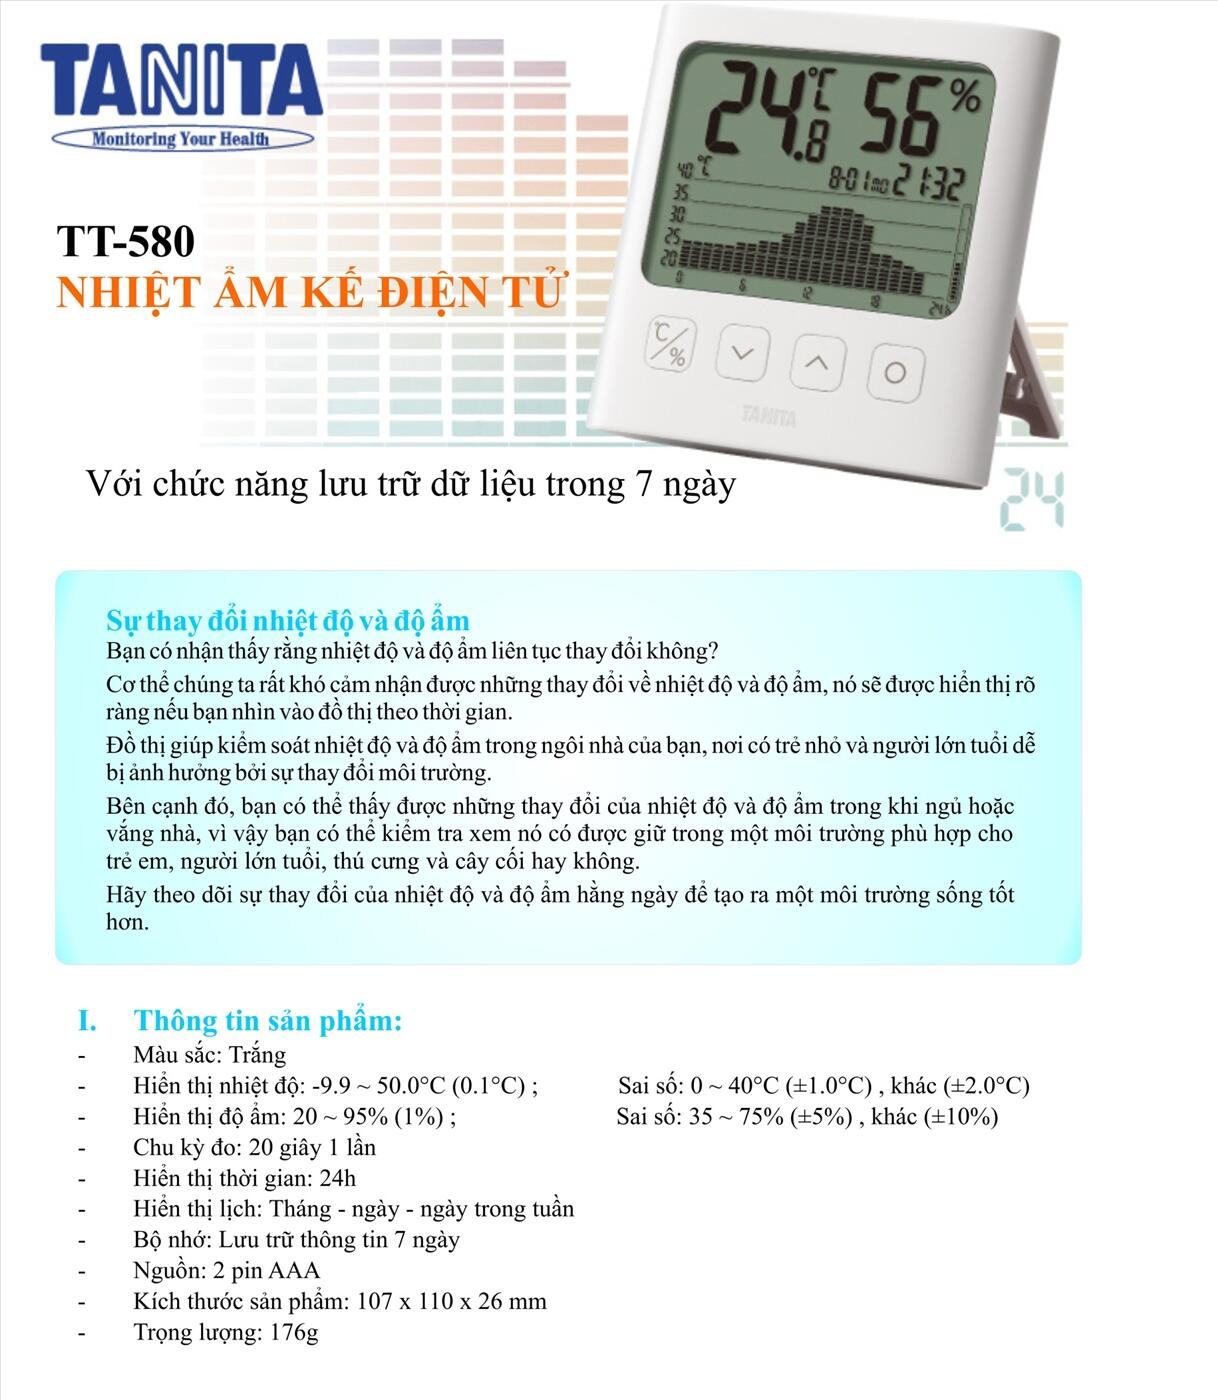 Nhiệt ẩm kế tự ghi Tanita TT-580